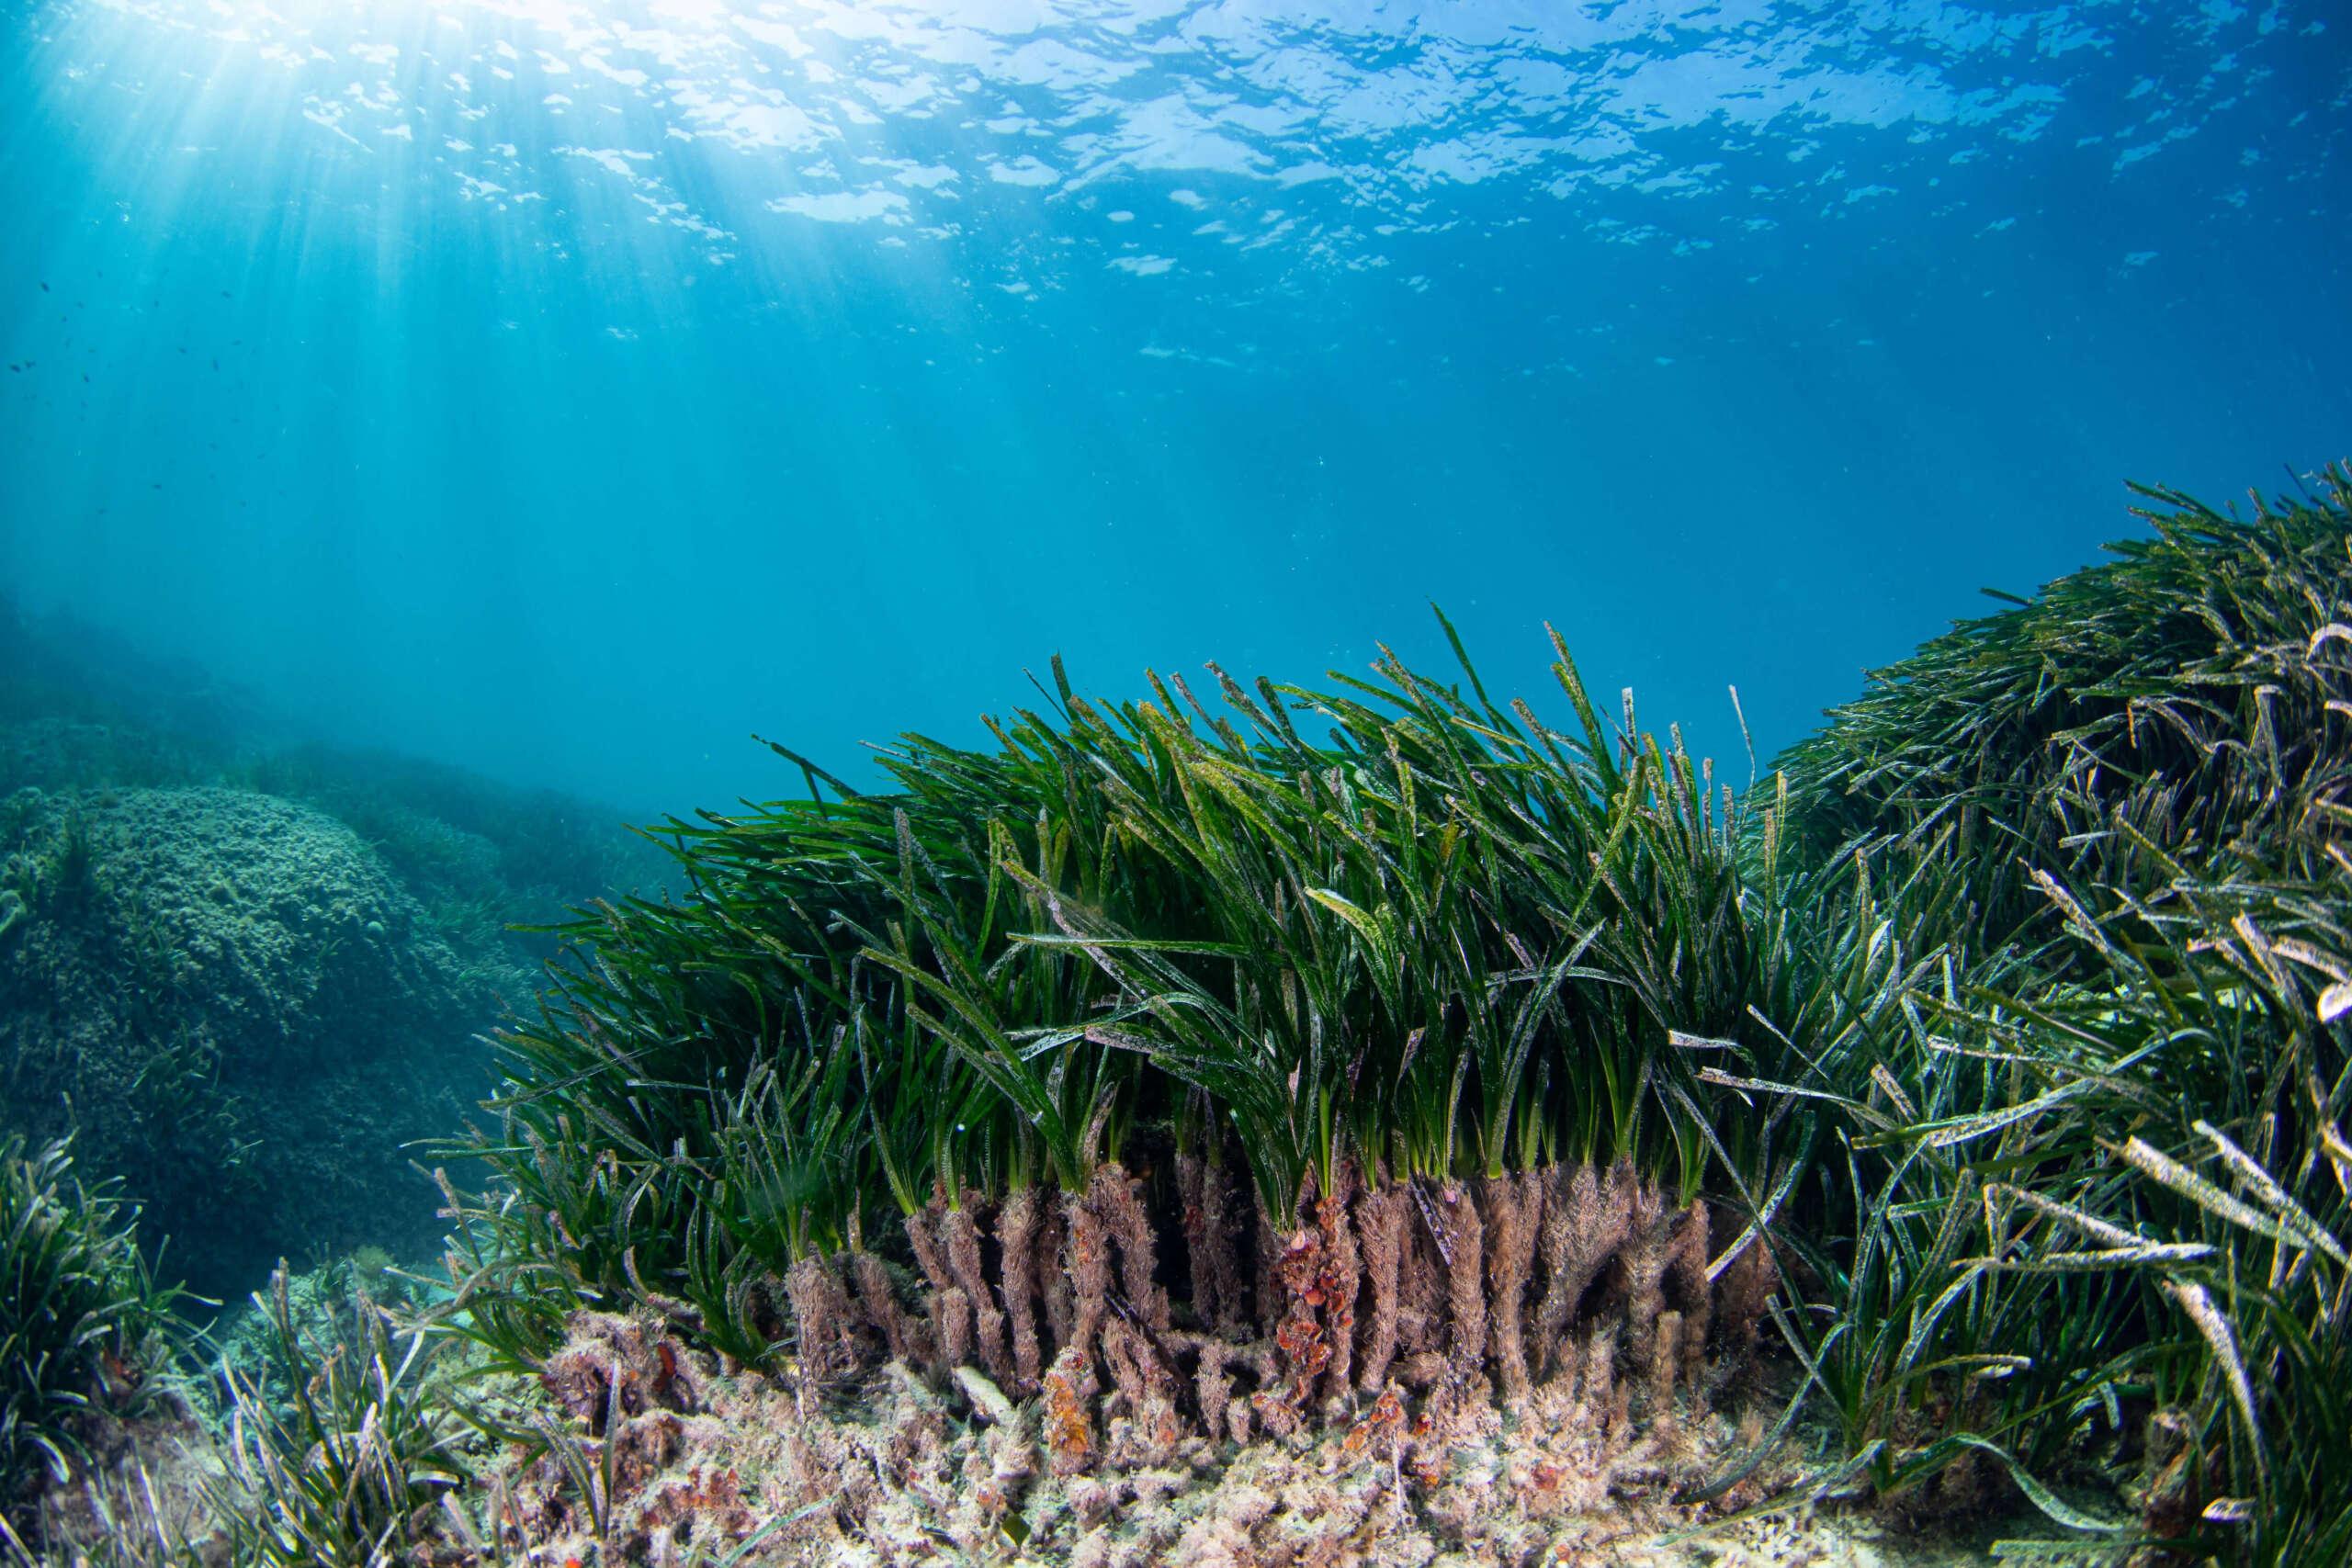 Posidonia Oceánica: La importante labor de Arrels Marines para salvarla